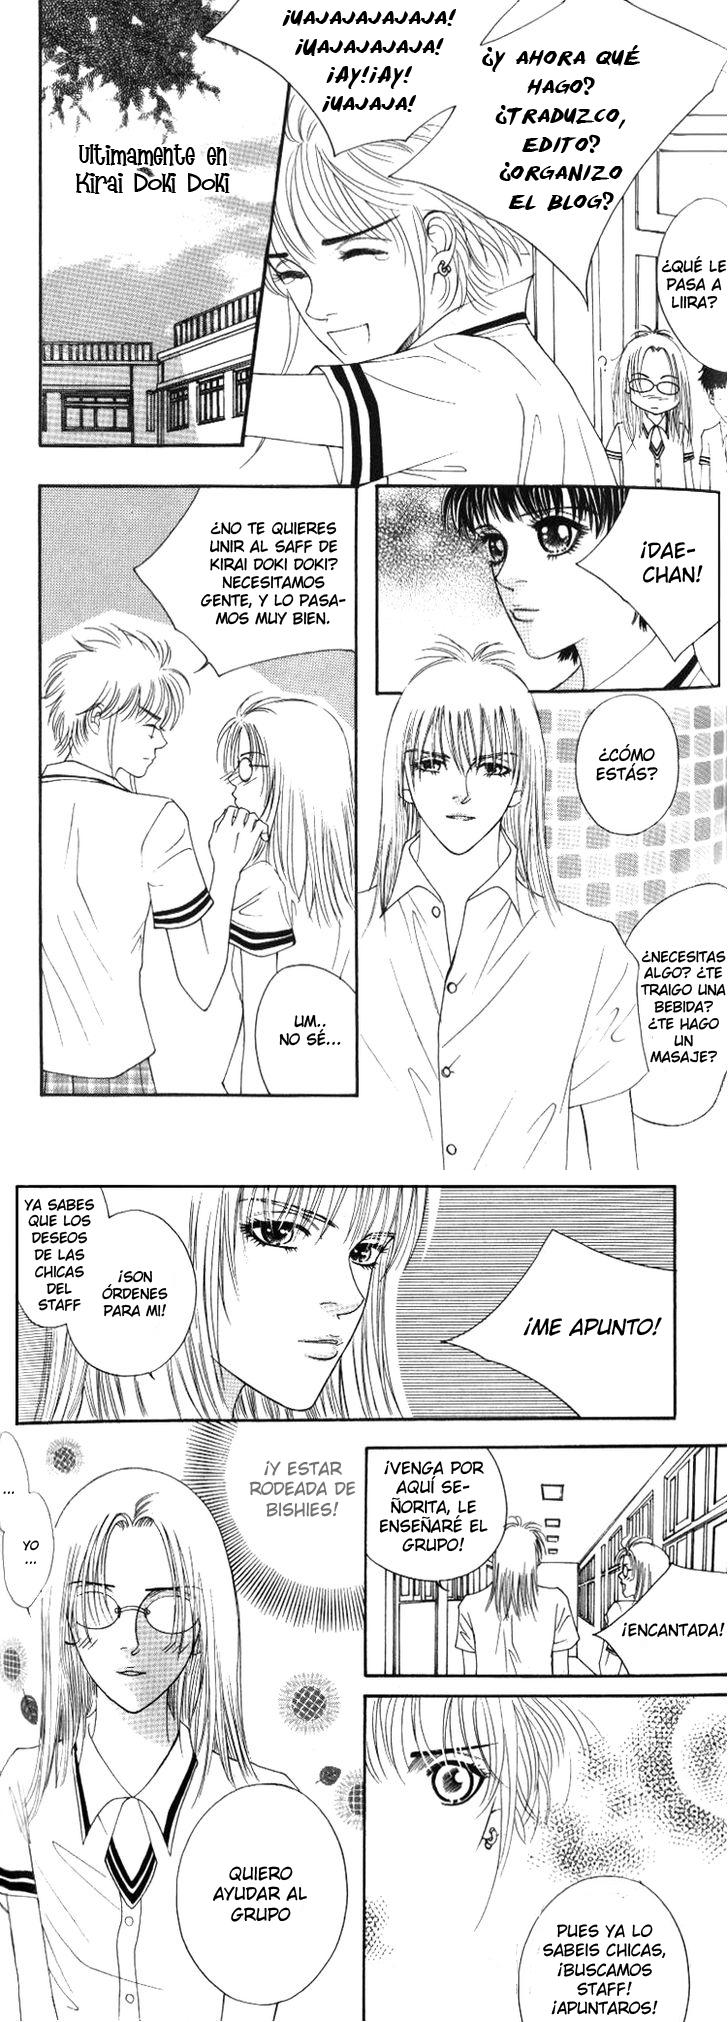 http://c5.ninemanga.com/es_manga/23/471/379078/98994c4349015b8585779bf0ea5b4618.jpg Page 2